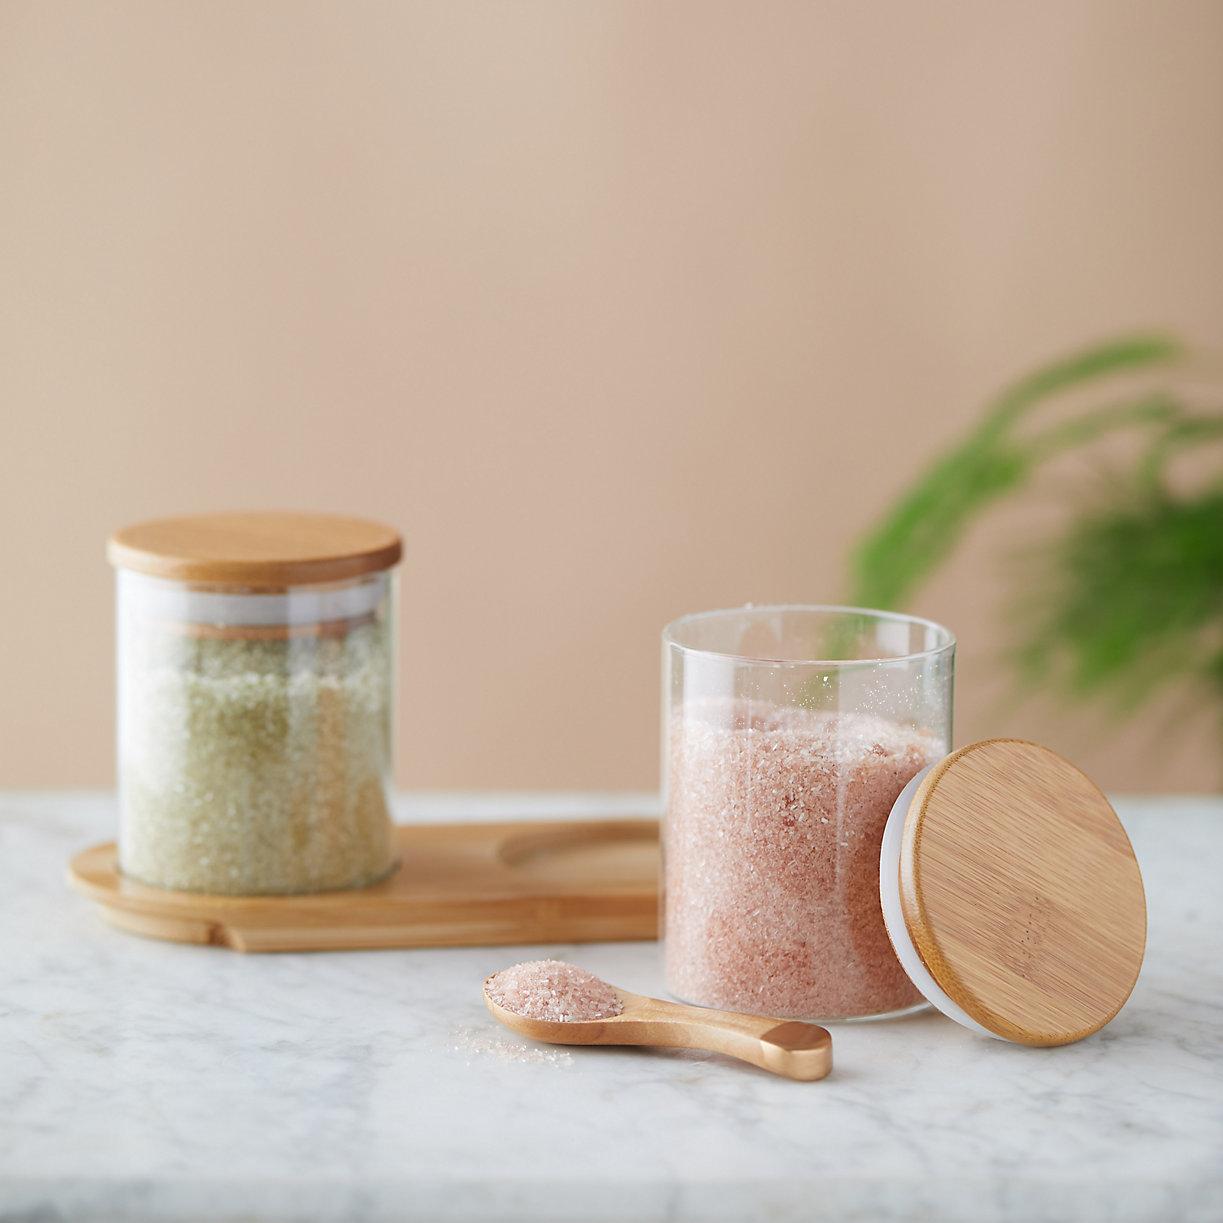 Lavender Citrus + Matcha Mint Bath Salt Duo - Terrain